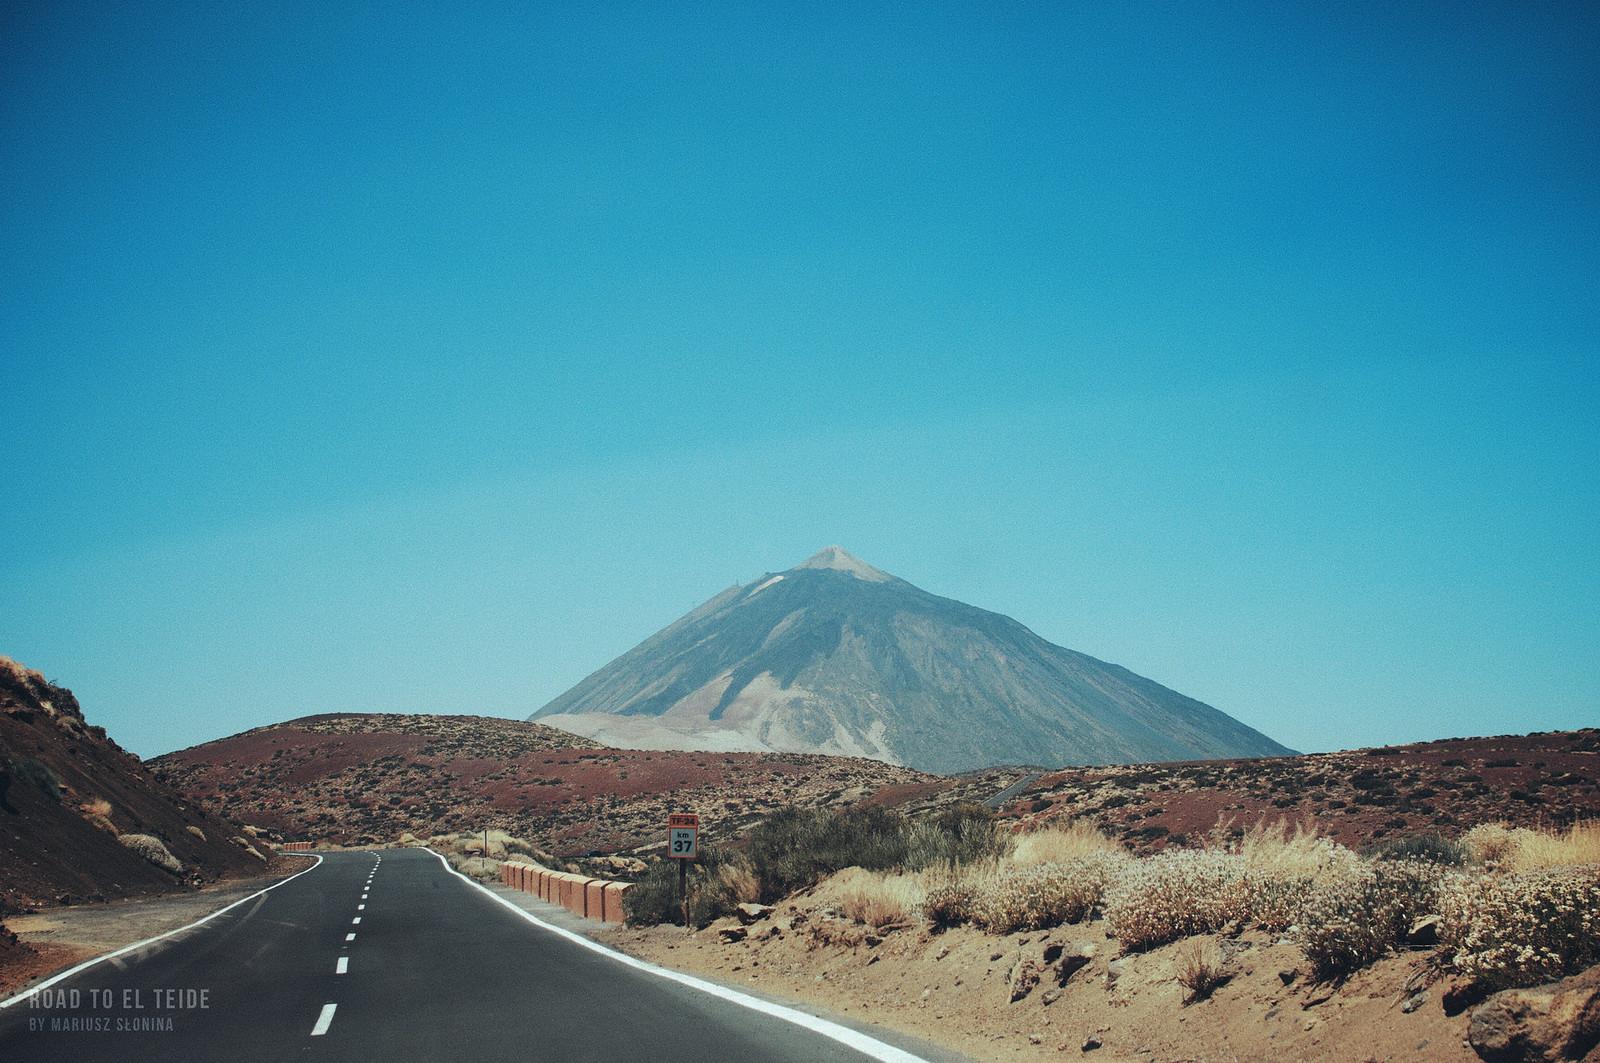 The noon at El Teide